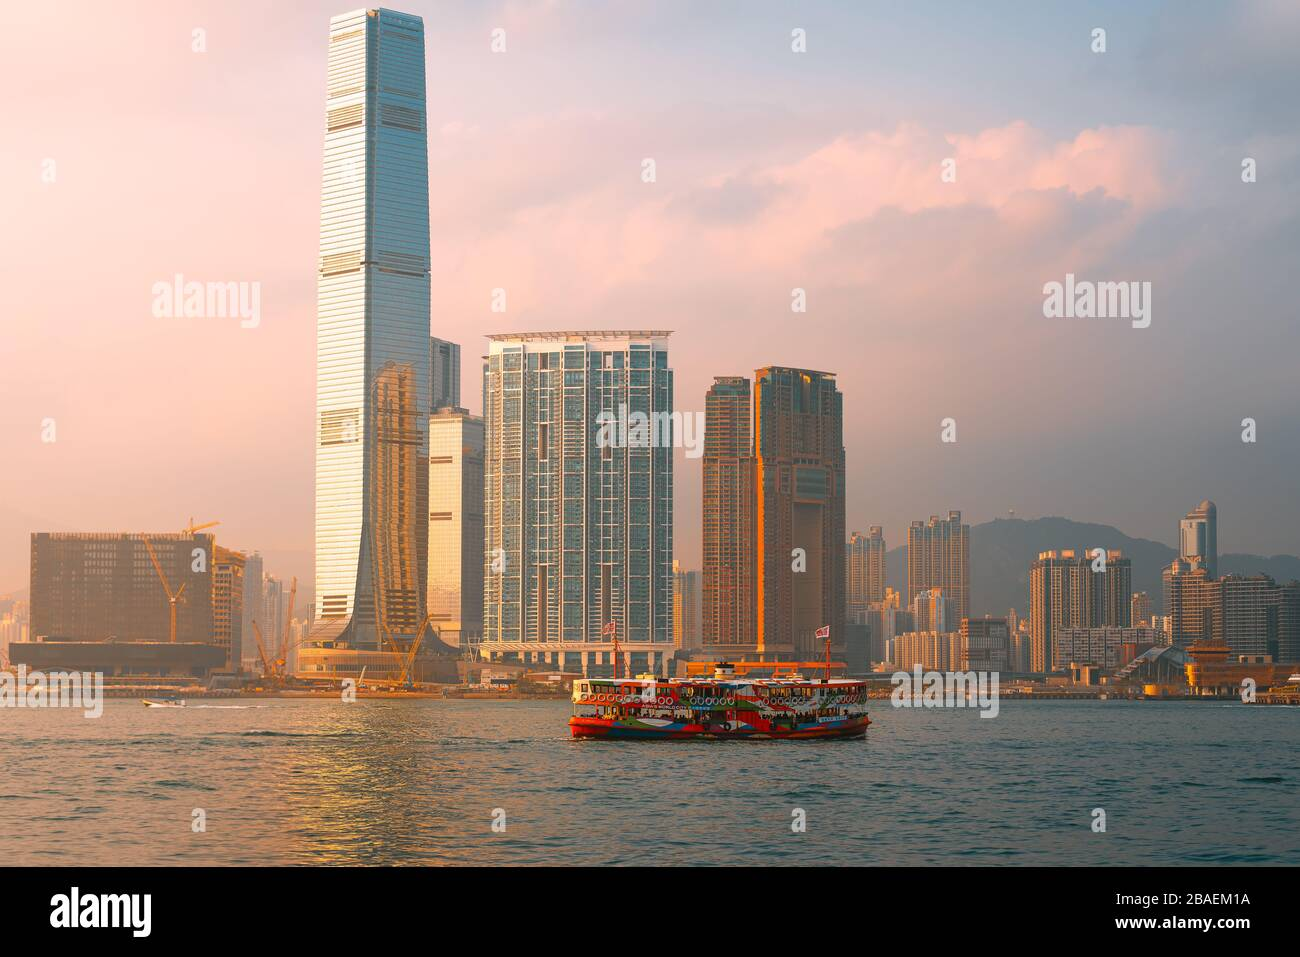 Central, Hong Kong - 1 de marzo de 2020: Ferry estrella y rascacielos con la puesta de sol en el puerto de Victoria Foto de stock